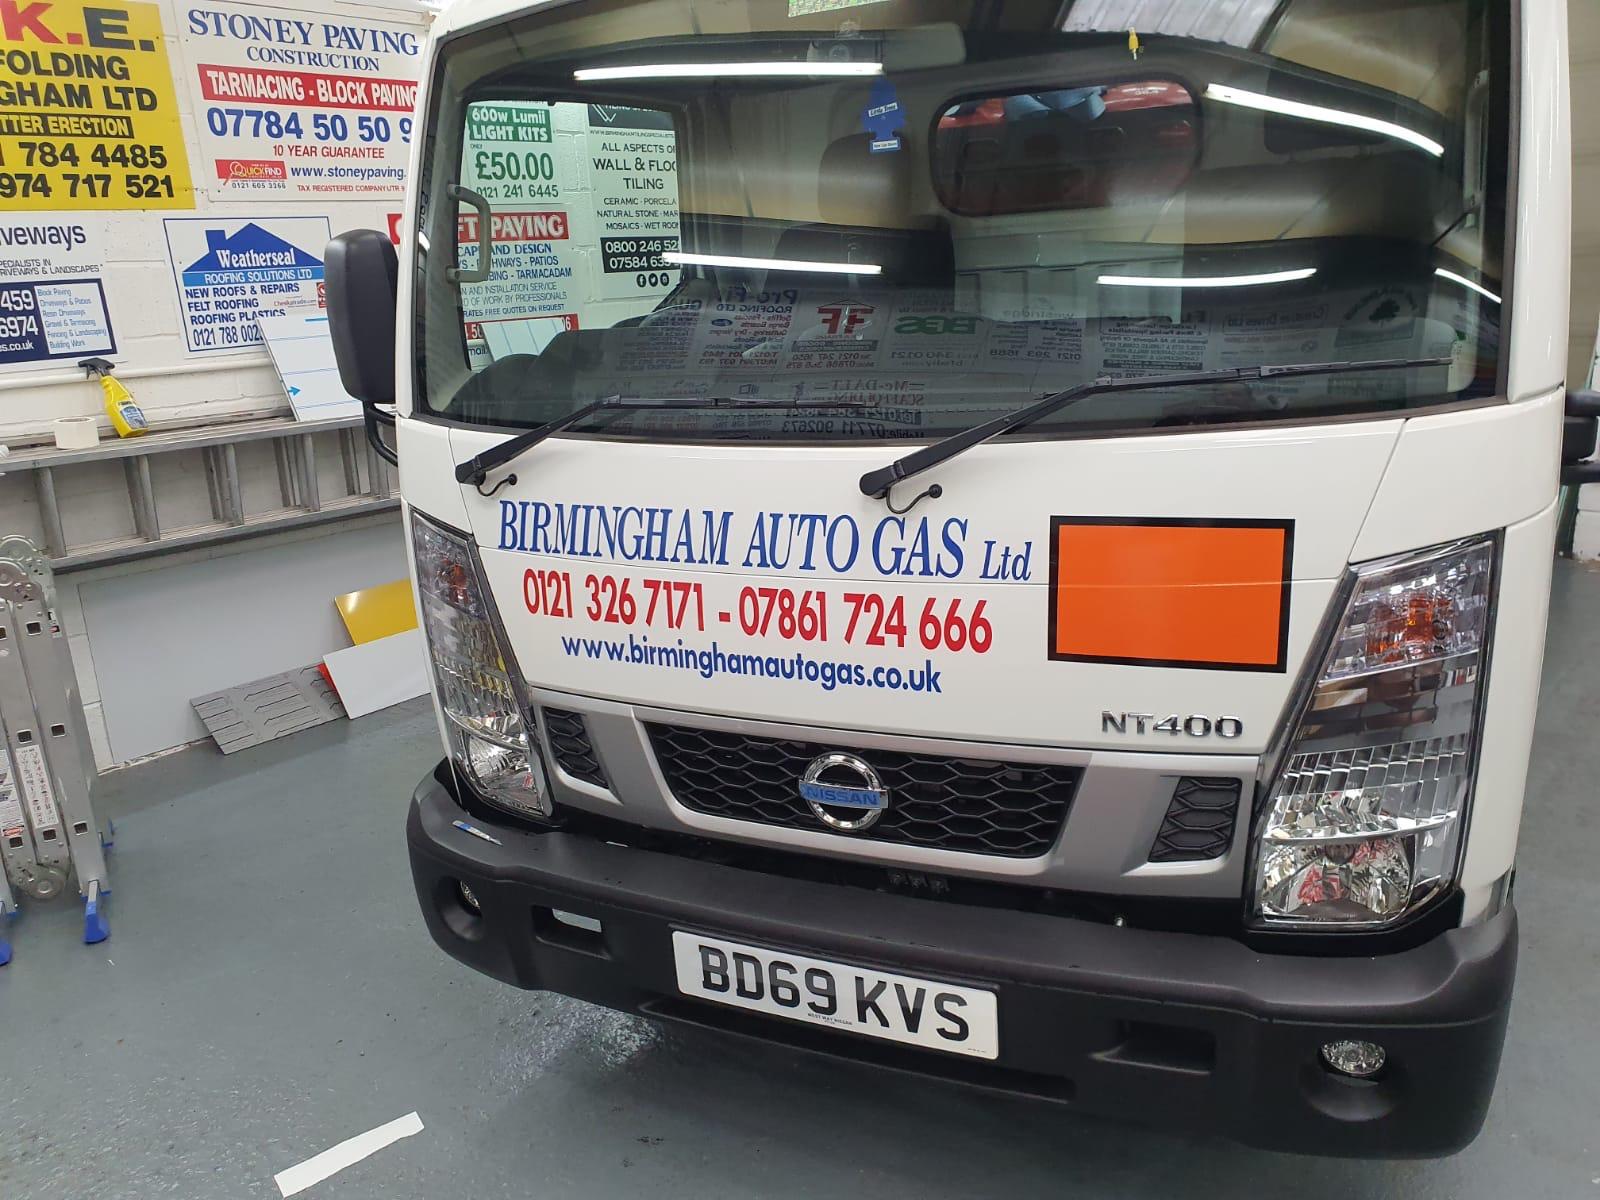 New Gas Cylinder Van added to Fleet